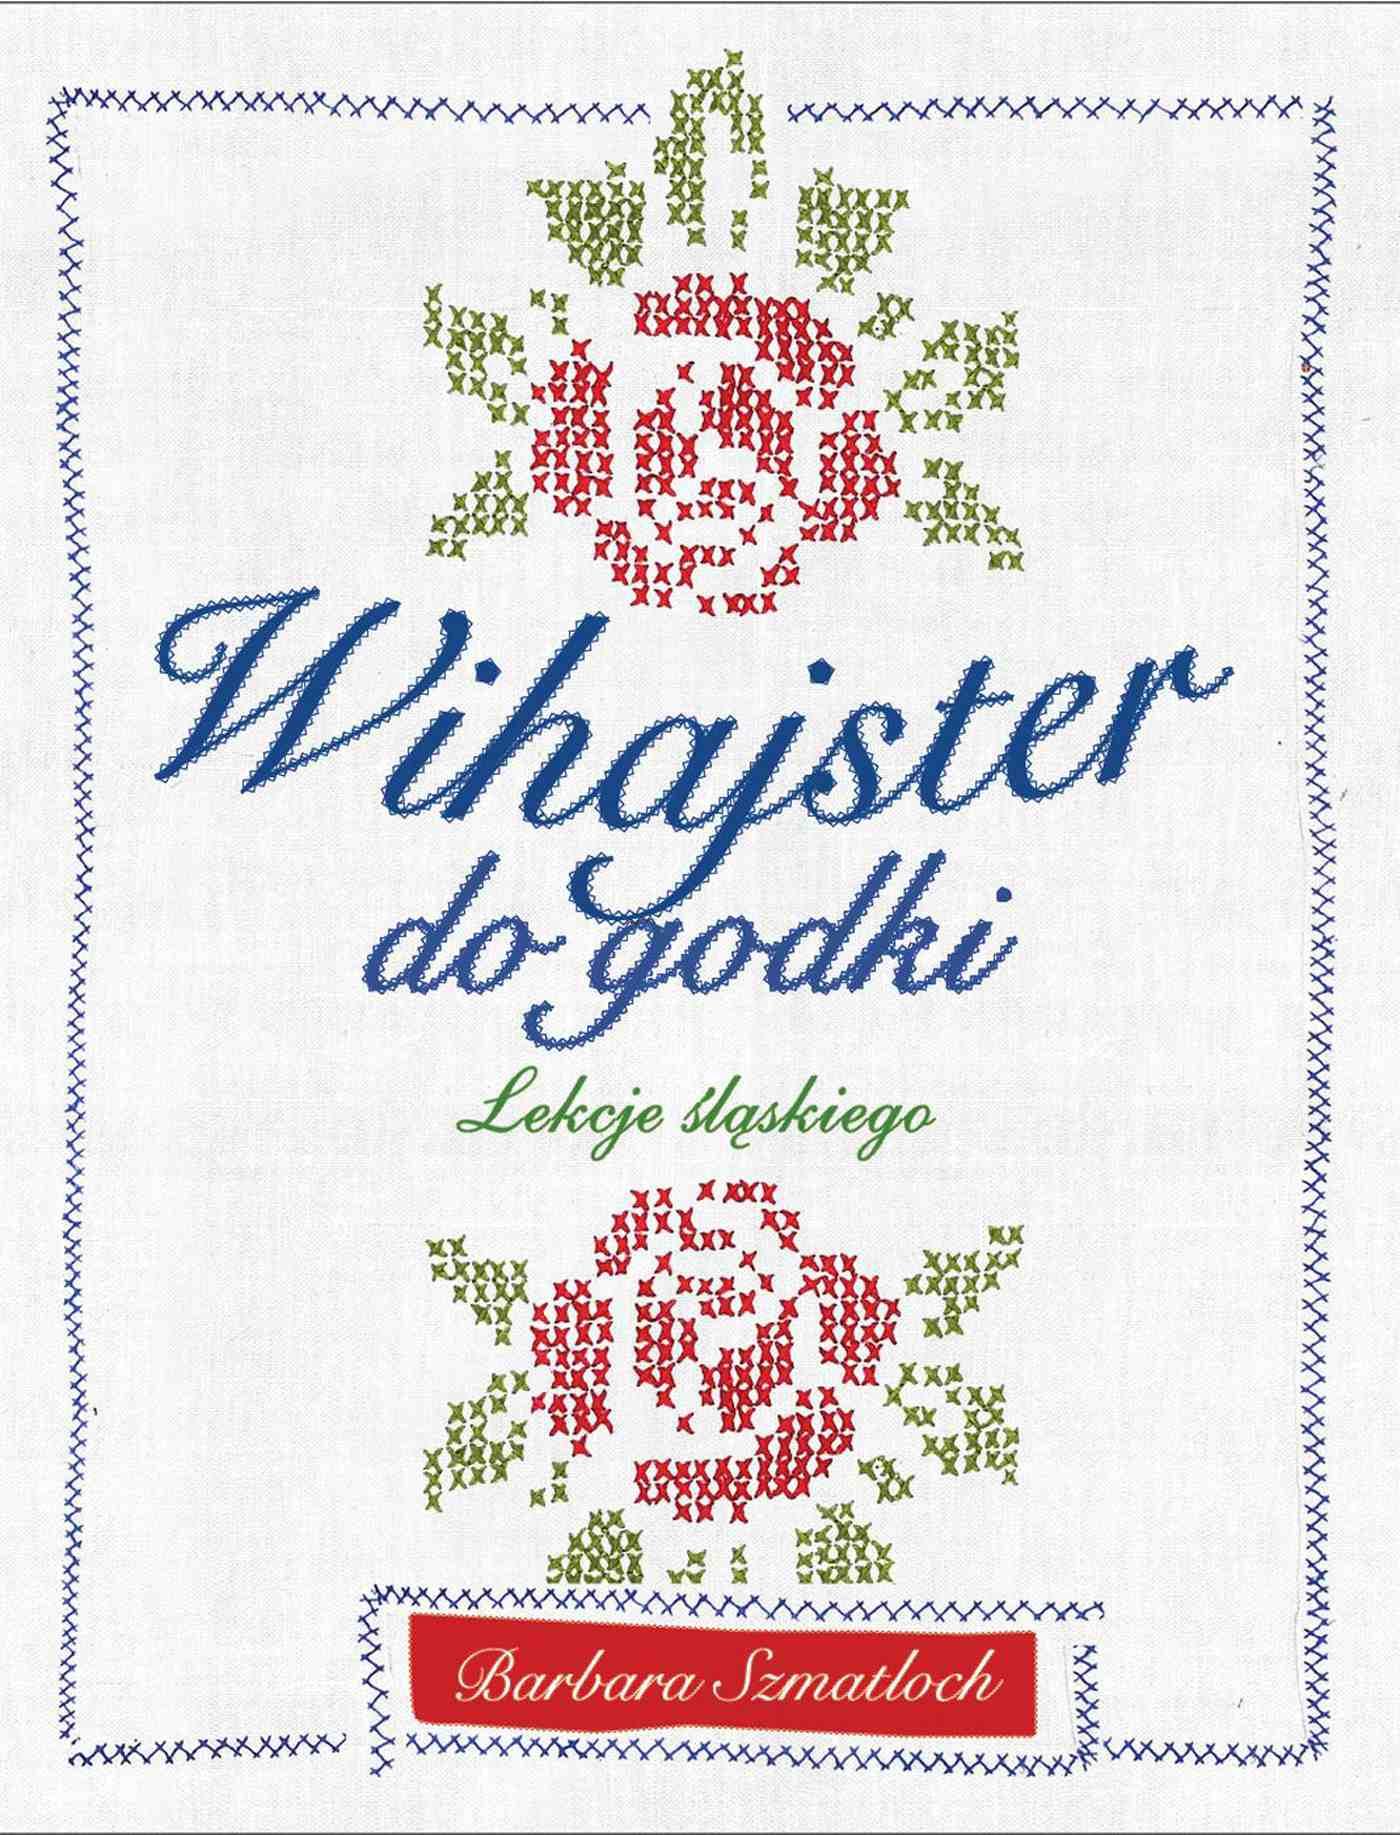 Wihajster do godki. Lekcje śląskiego - Ebook (Książka PDF) do pobrania w formacie PDF